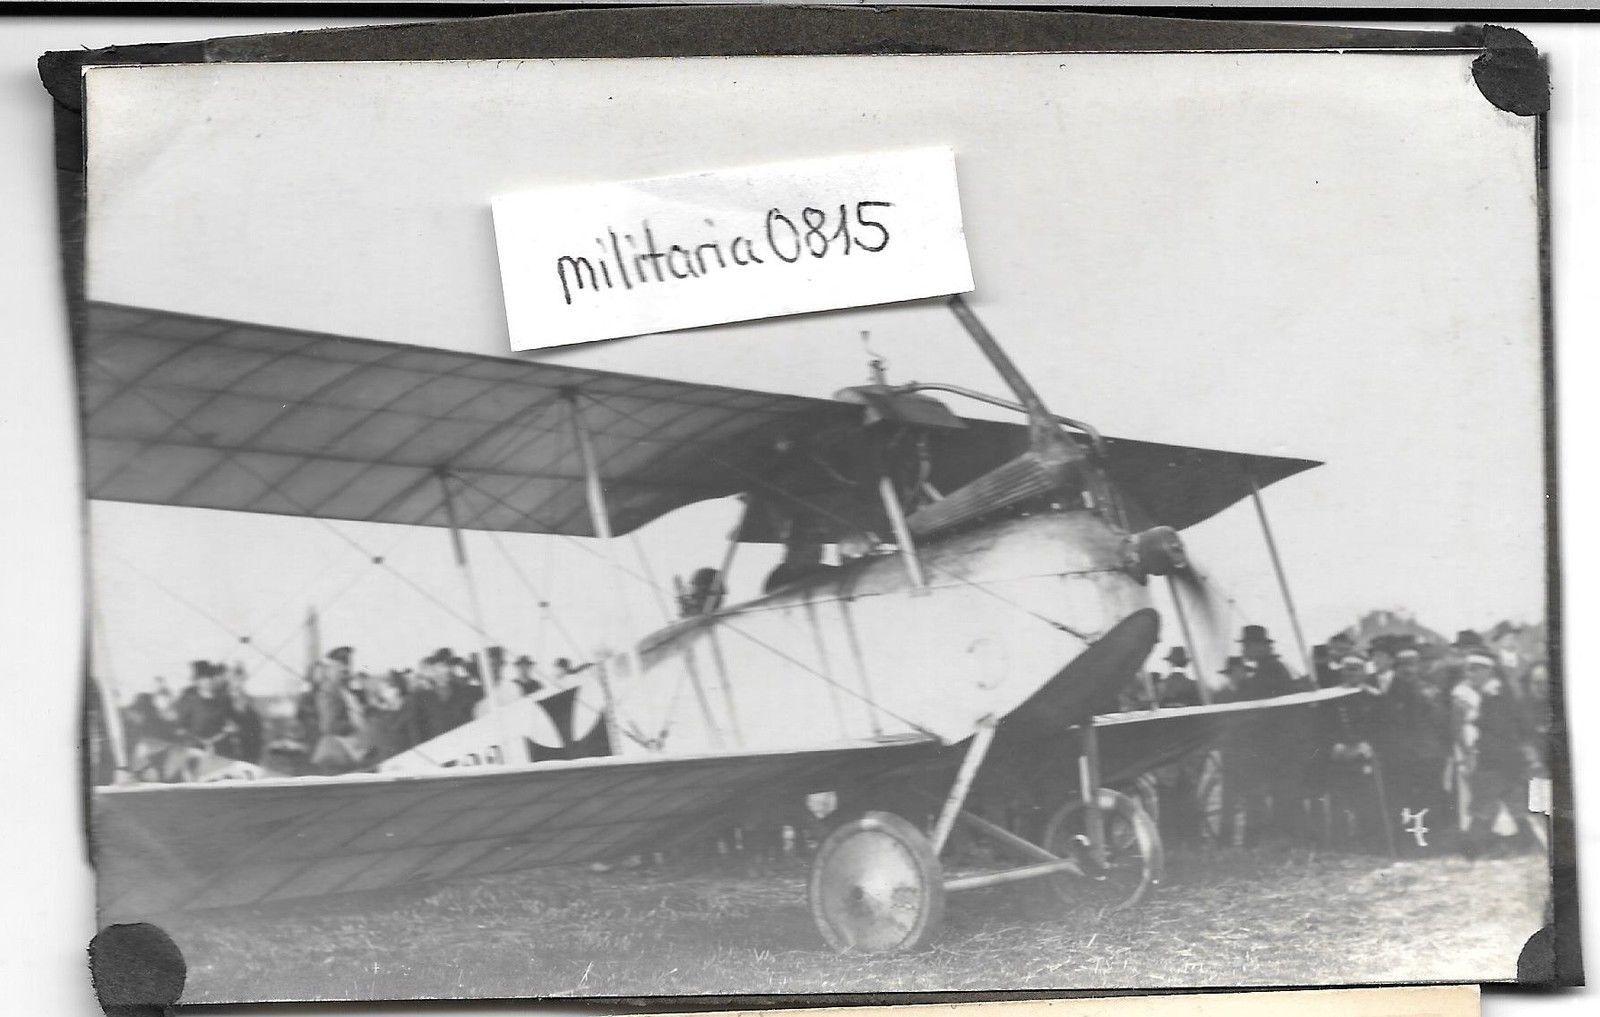 Halberstadt   Aircraft of World War II - WW2Aircraft net Forums